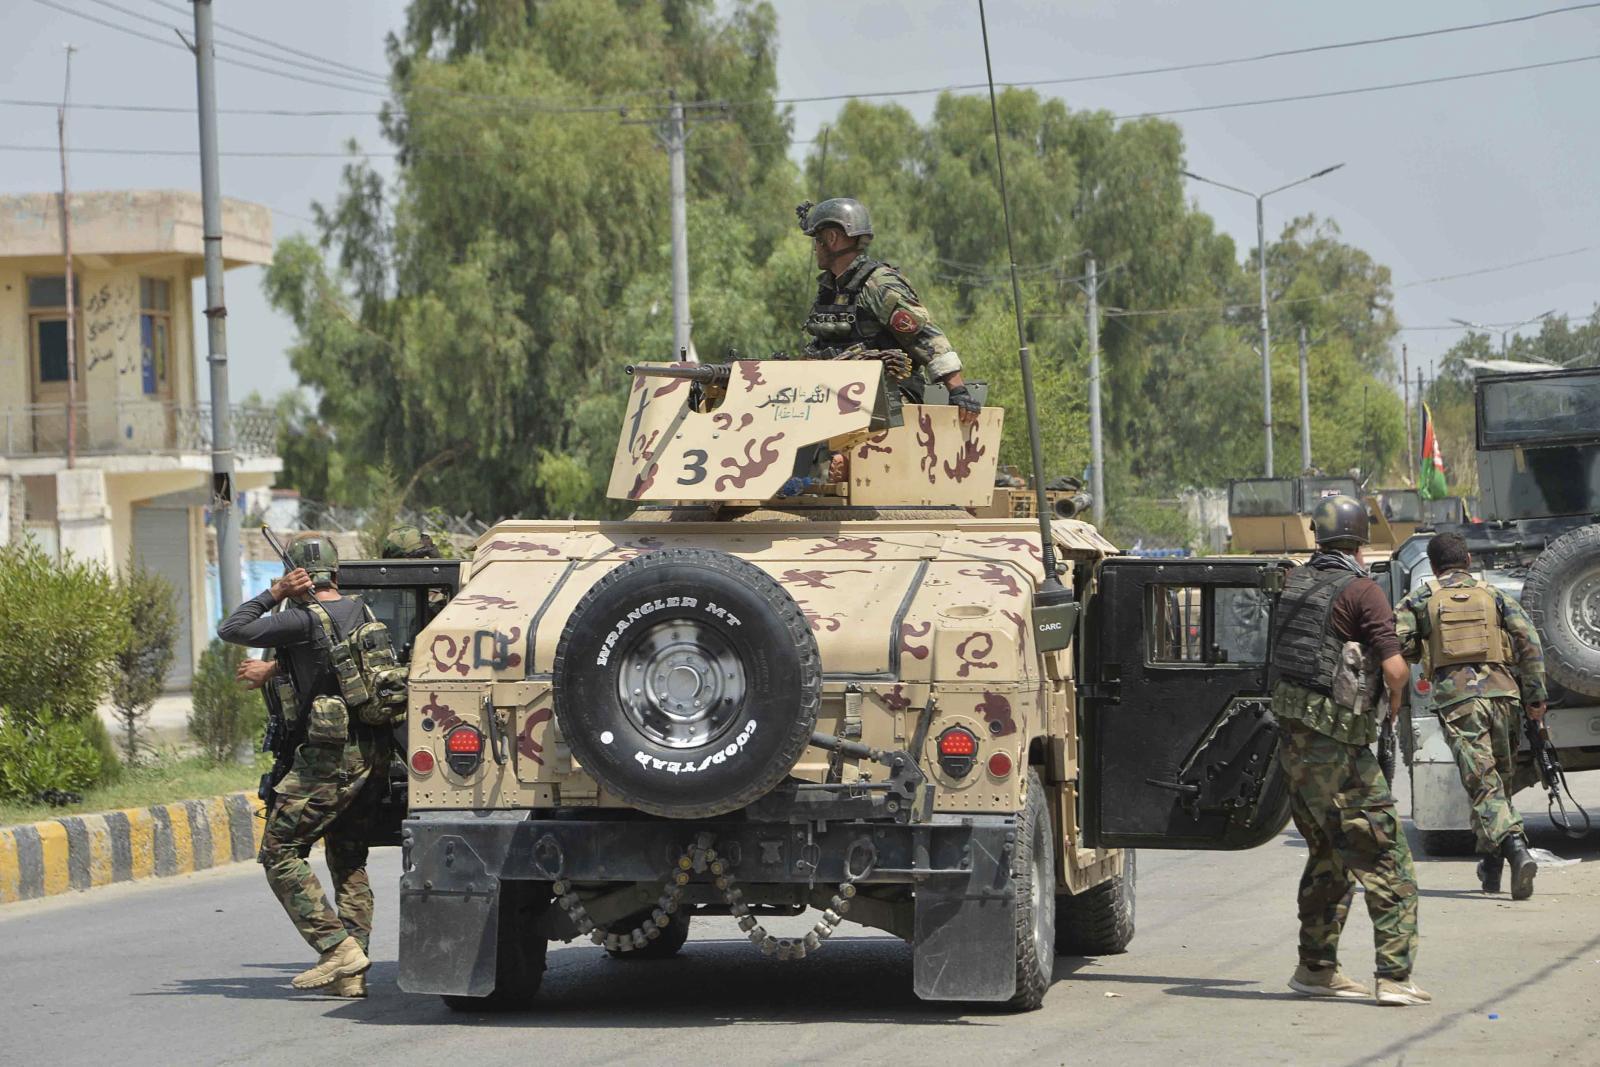 ไอเอสโจมตีเรือนจำอัฟกานิสถาน นักโทษฉวยโอกาสแหกคุก